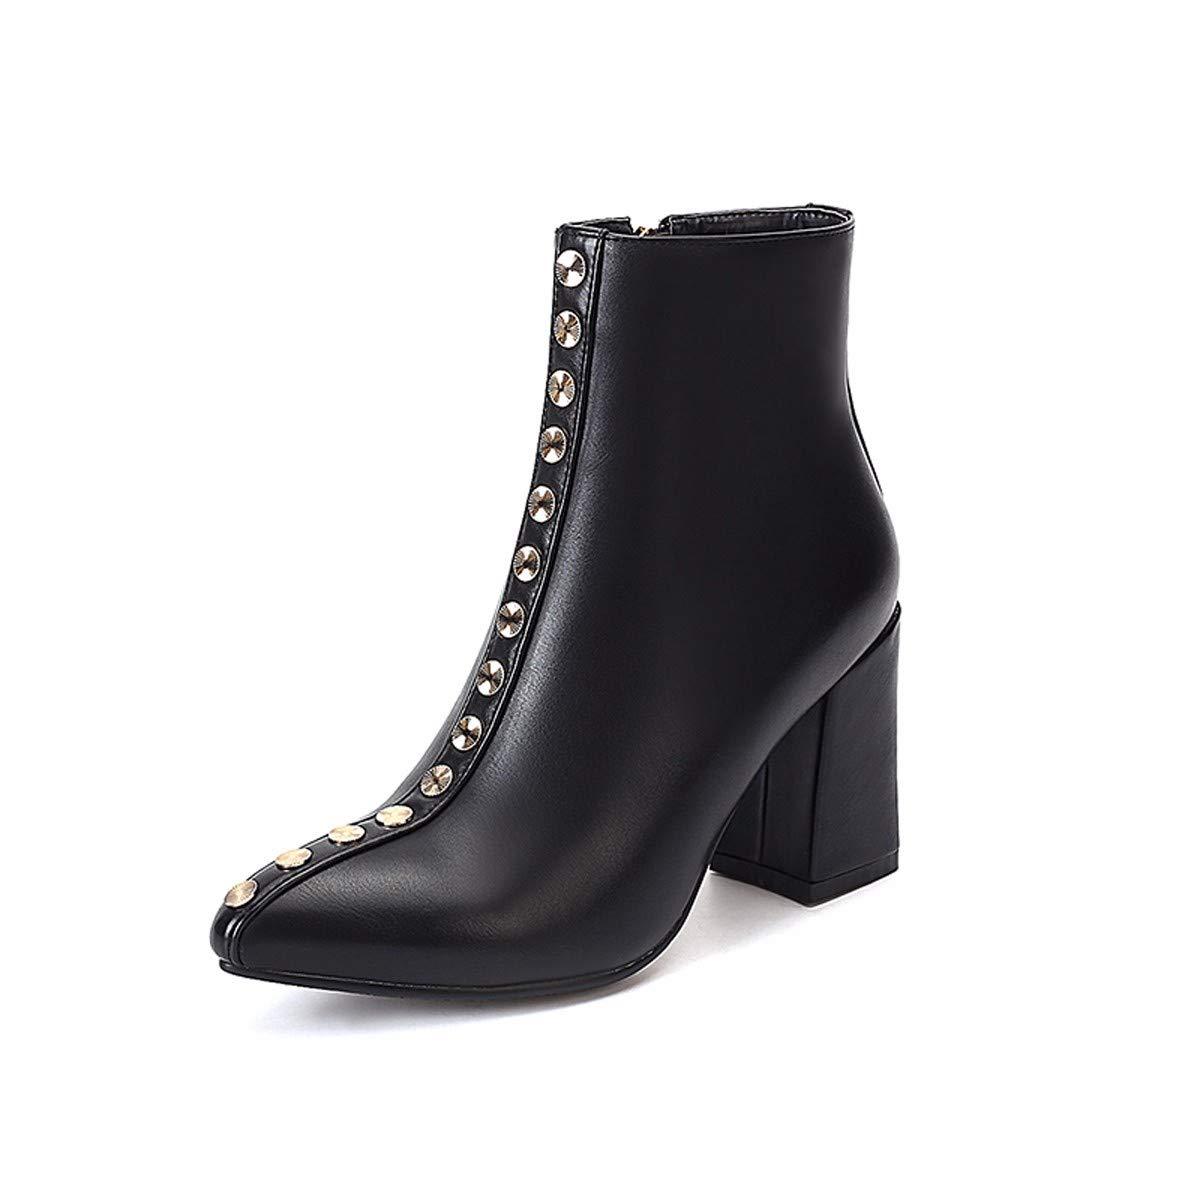 KPHY Damenschuhe Einzelne Schuhe Mode Rivet Stiefel Mit 8.5Cm Hohen 8.5Cm Mit Elegante Hart Sagte Martin Stiefel High Heels Und Kurze Stiefel. ef5926